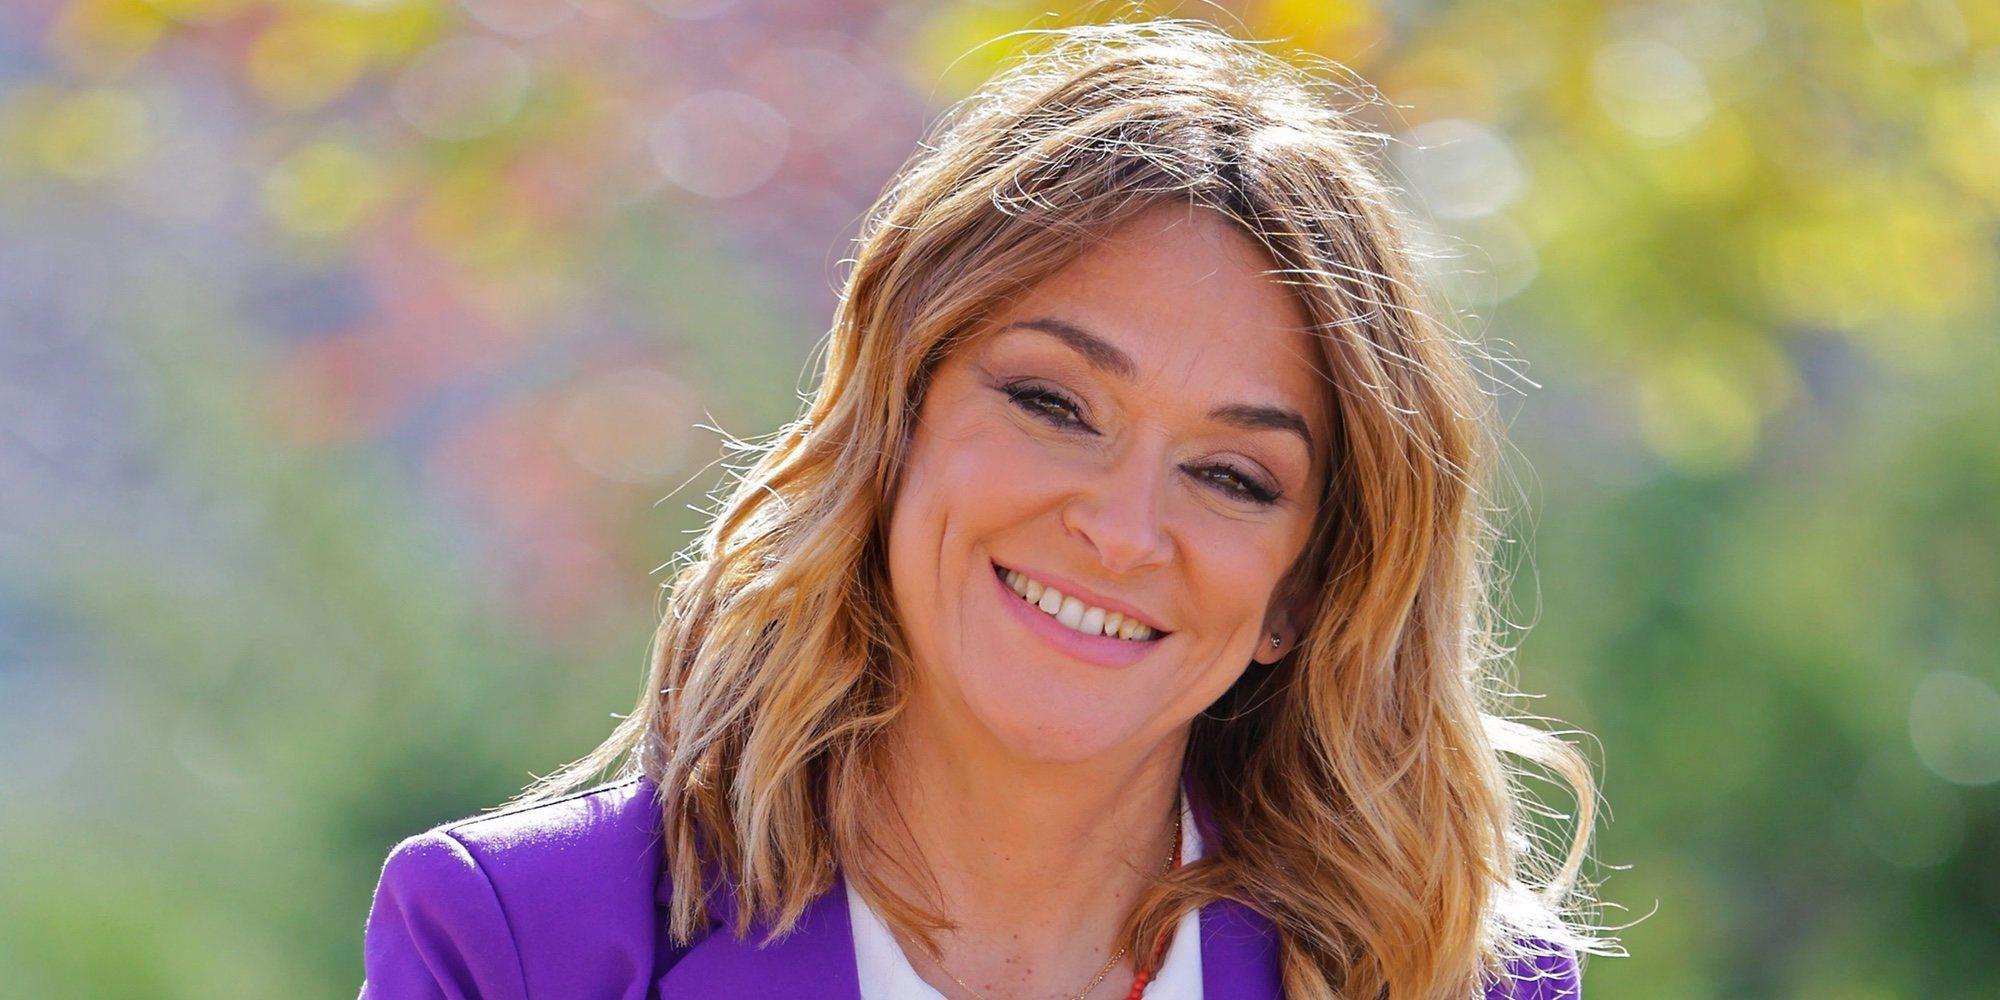 """Toñi Moreno: """"Ser madre es muy duro pero también muy gratificante. En algún momento incluso me arrepentí"""""""